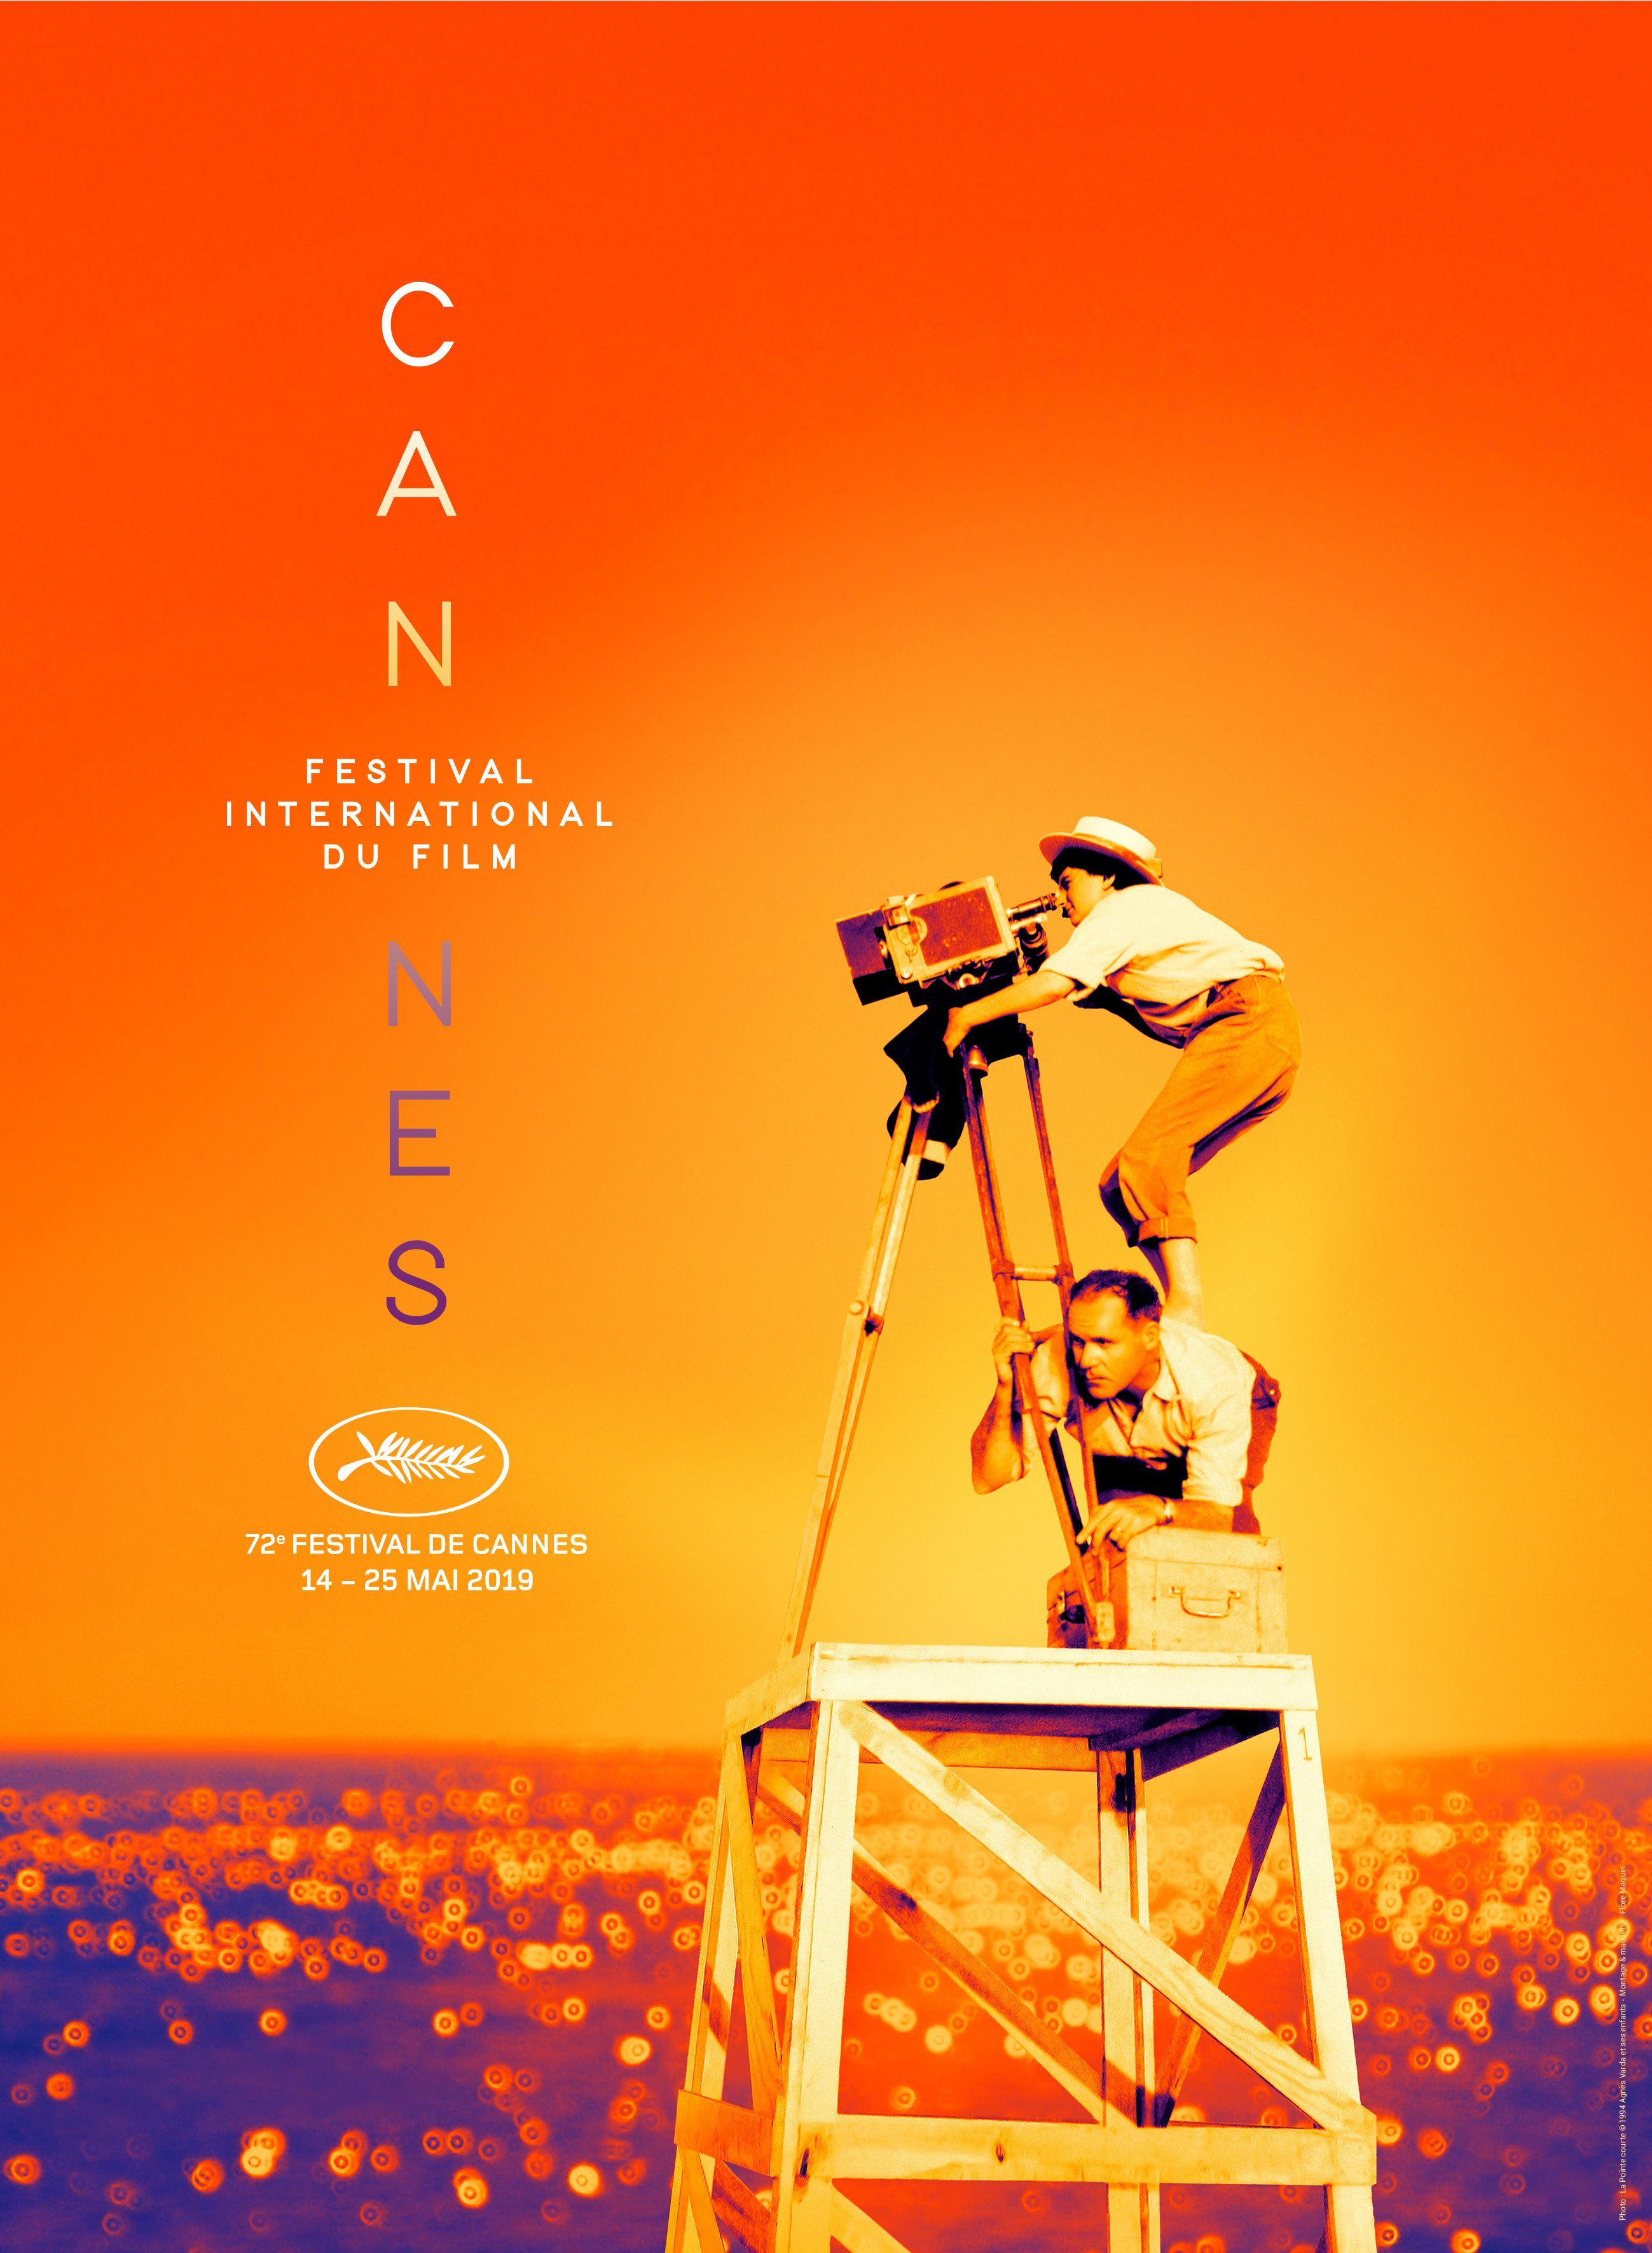 Poster Zu Cannes 2019 Filmfestival Huldigt Verstorbener Regisseurin Agnes Varda News Outnow Filmfestival Filmfestival Cannes Filmfestival Poster